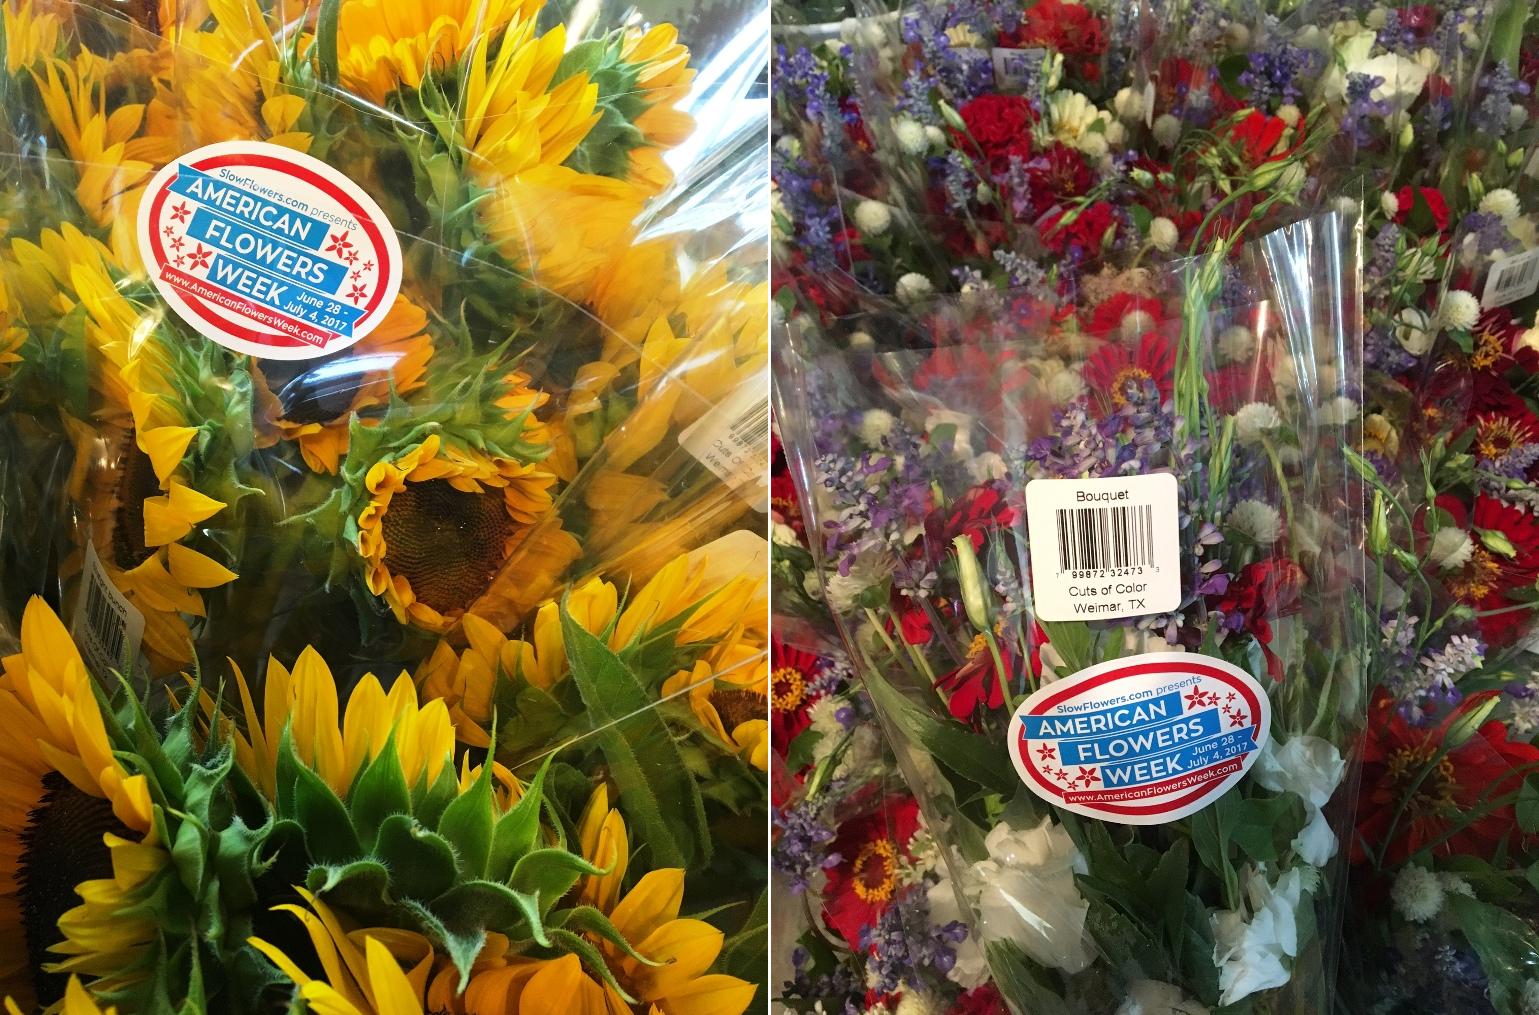 american flowers week june 28 to july 4 2018 celebrating